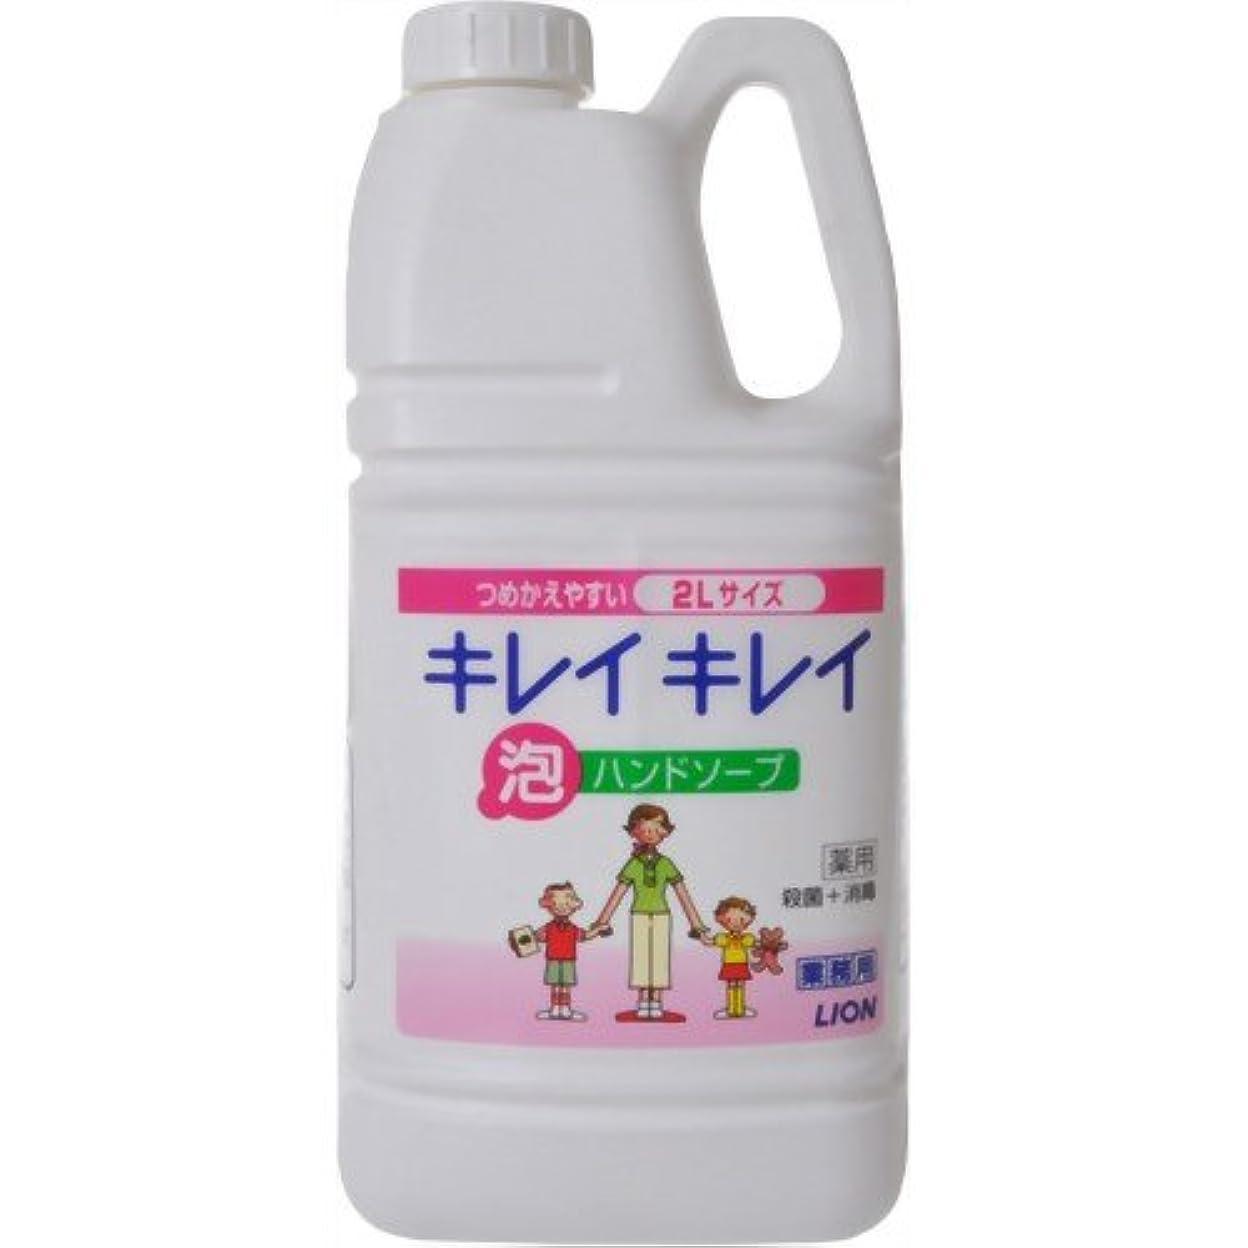 法律霧グレードキレイキレイ薬用泡ハンドソープ2L(業務用)